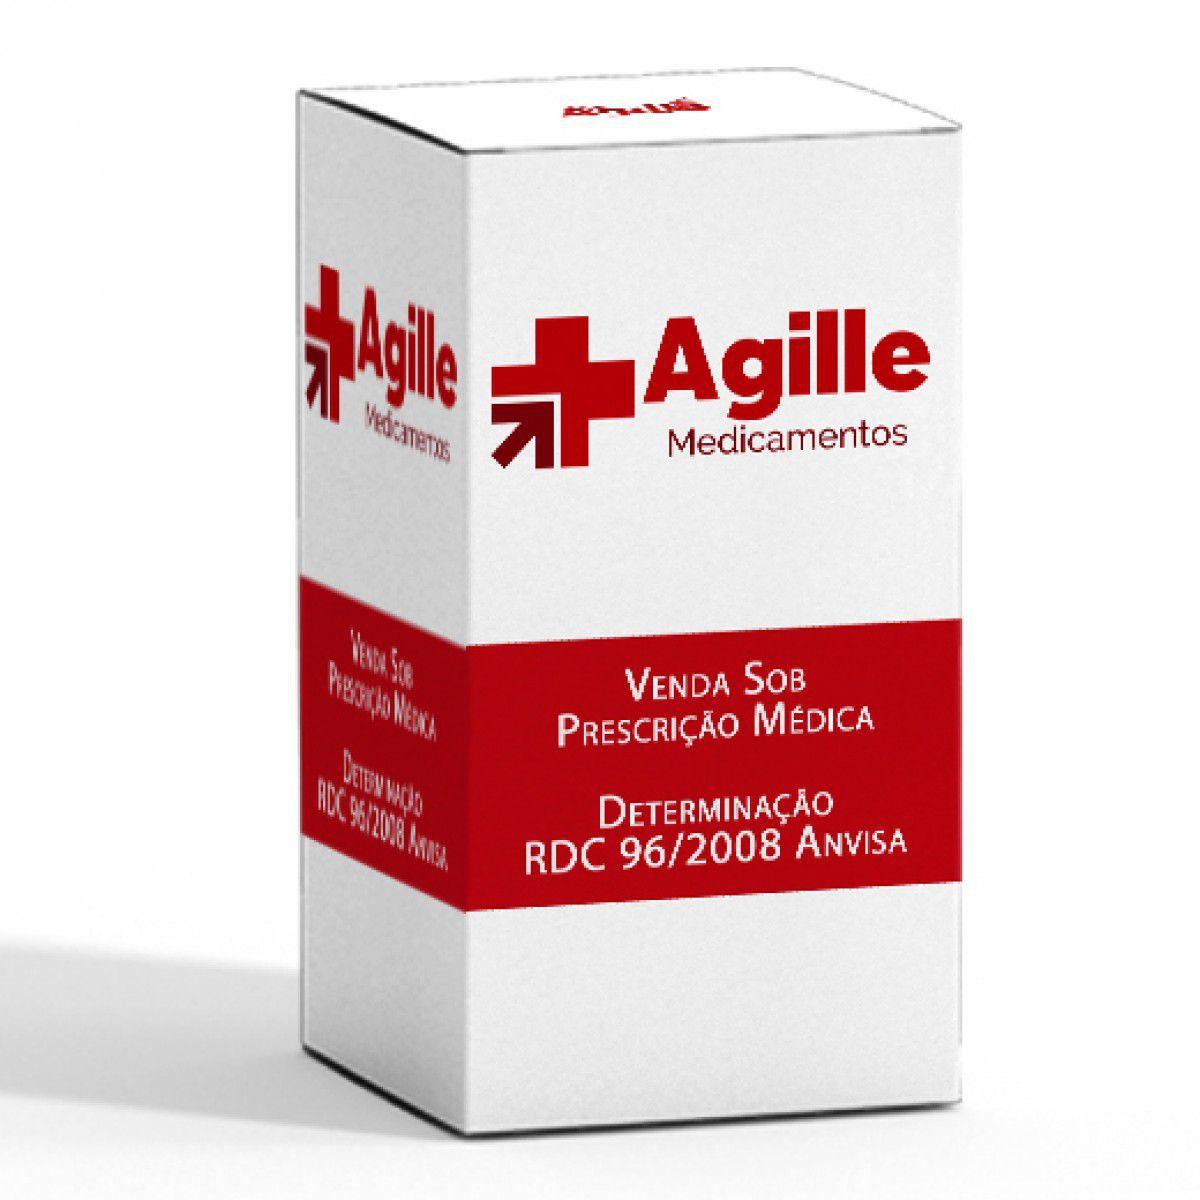 FIPRIMA 60MU/ML 1 SER PREENC 0,5ML SEG  - Agille Speciality